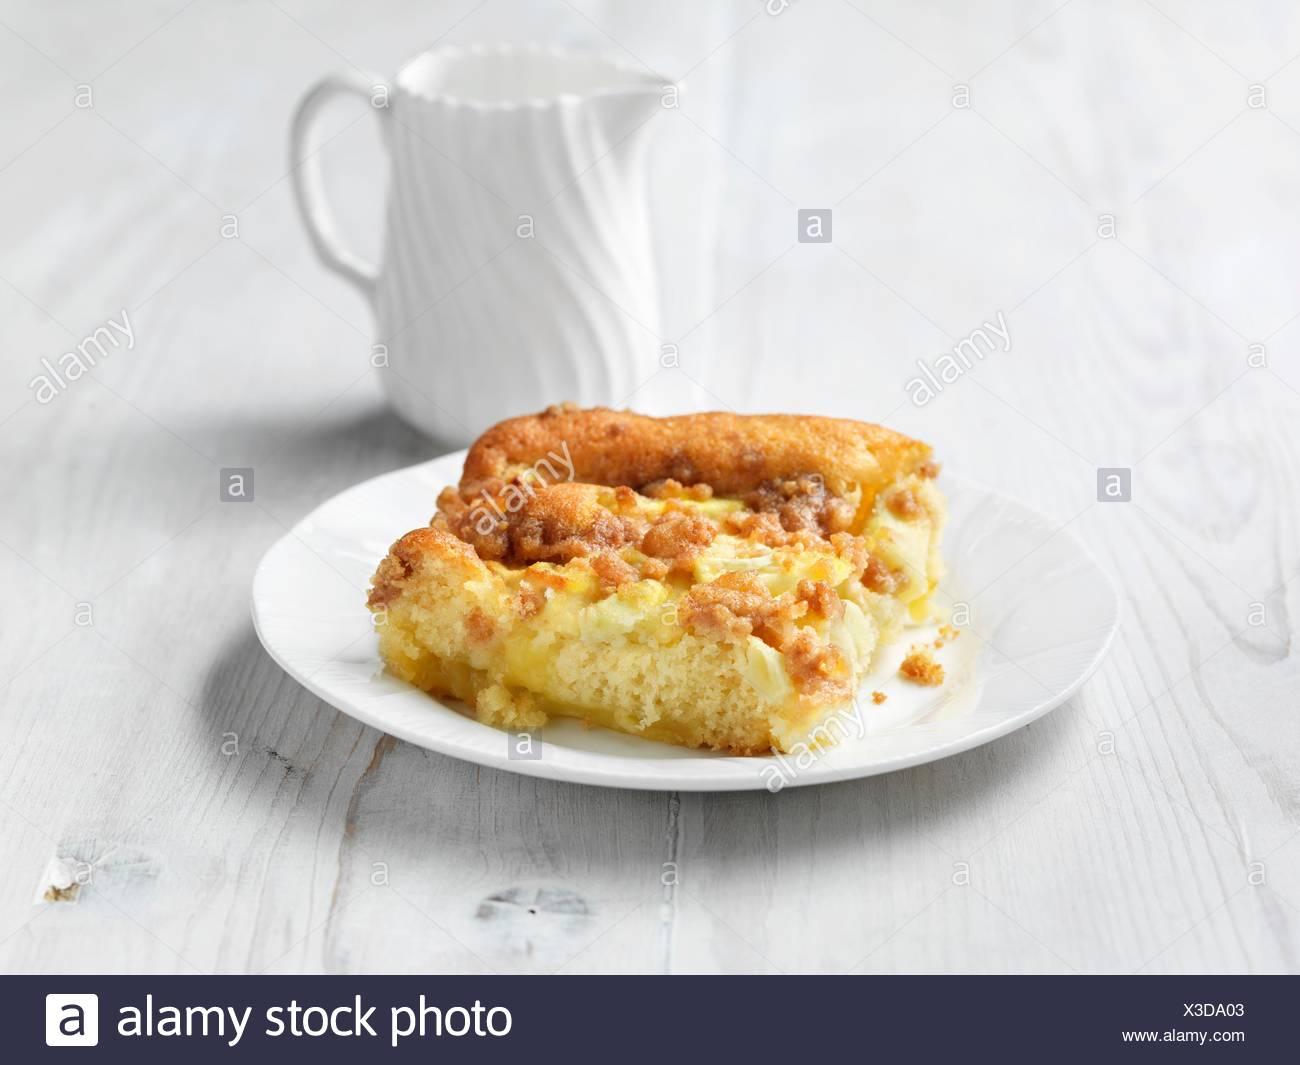 Tarta de manzana y flan, pastel de madera pintadas de blanco Imagen De Stock